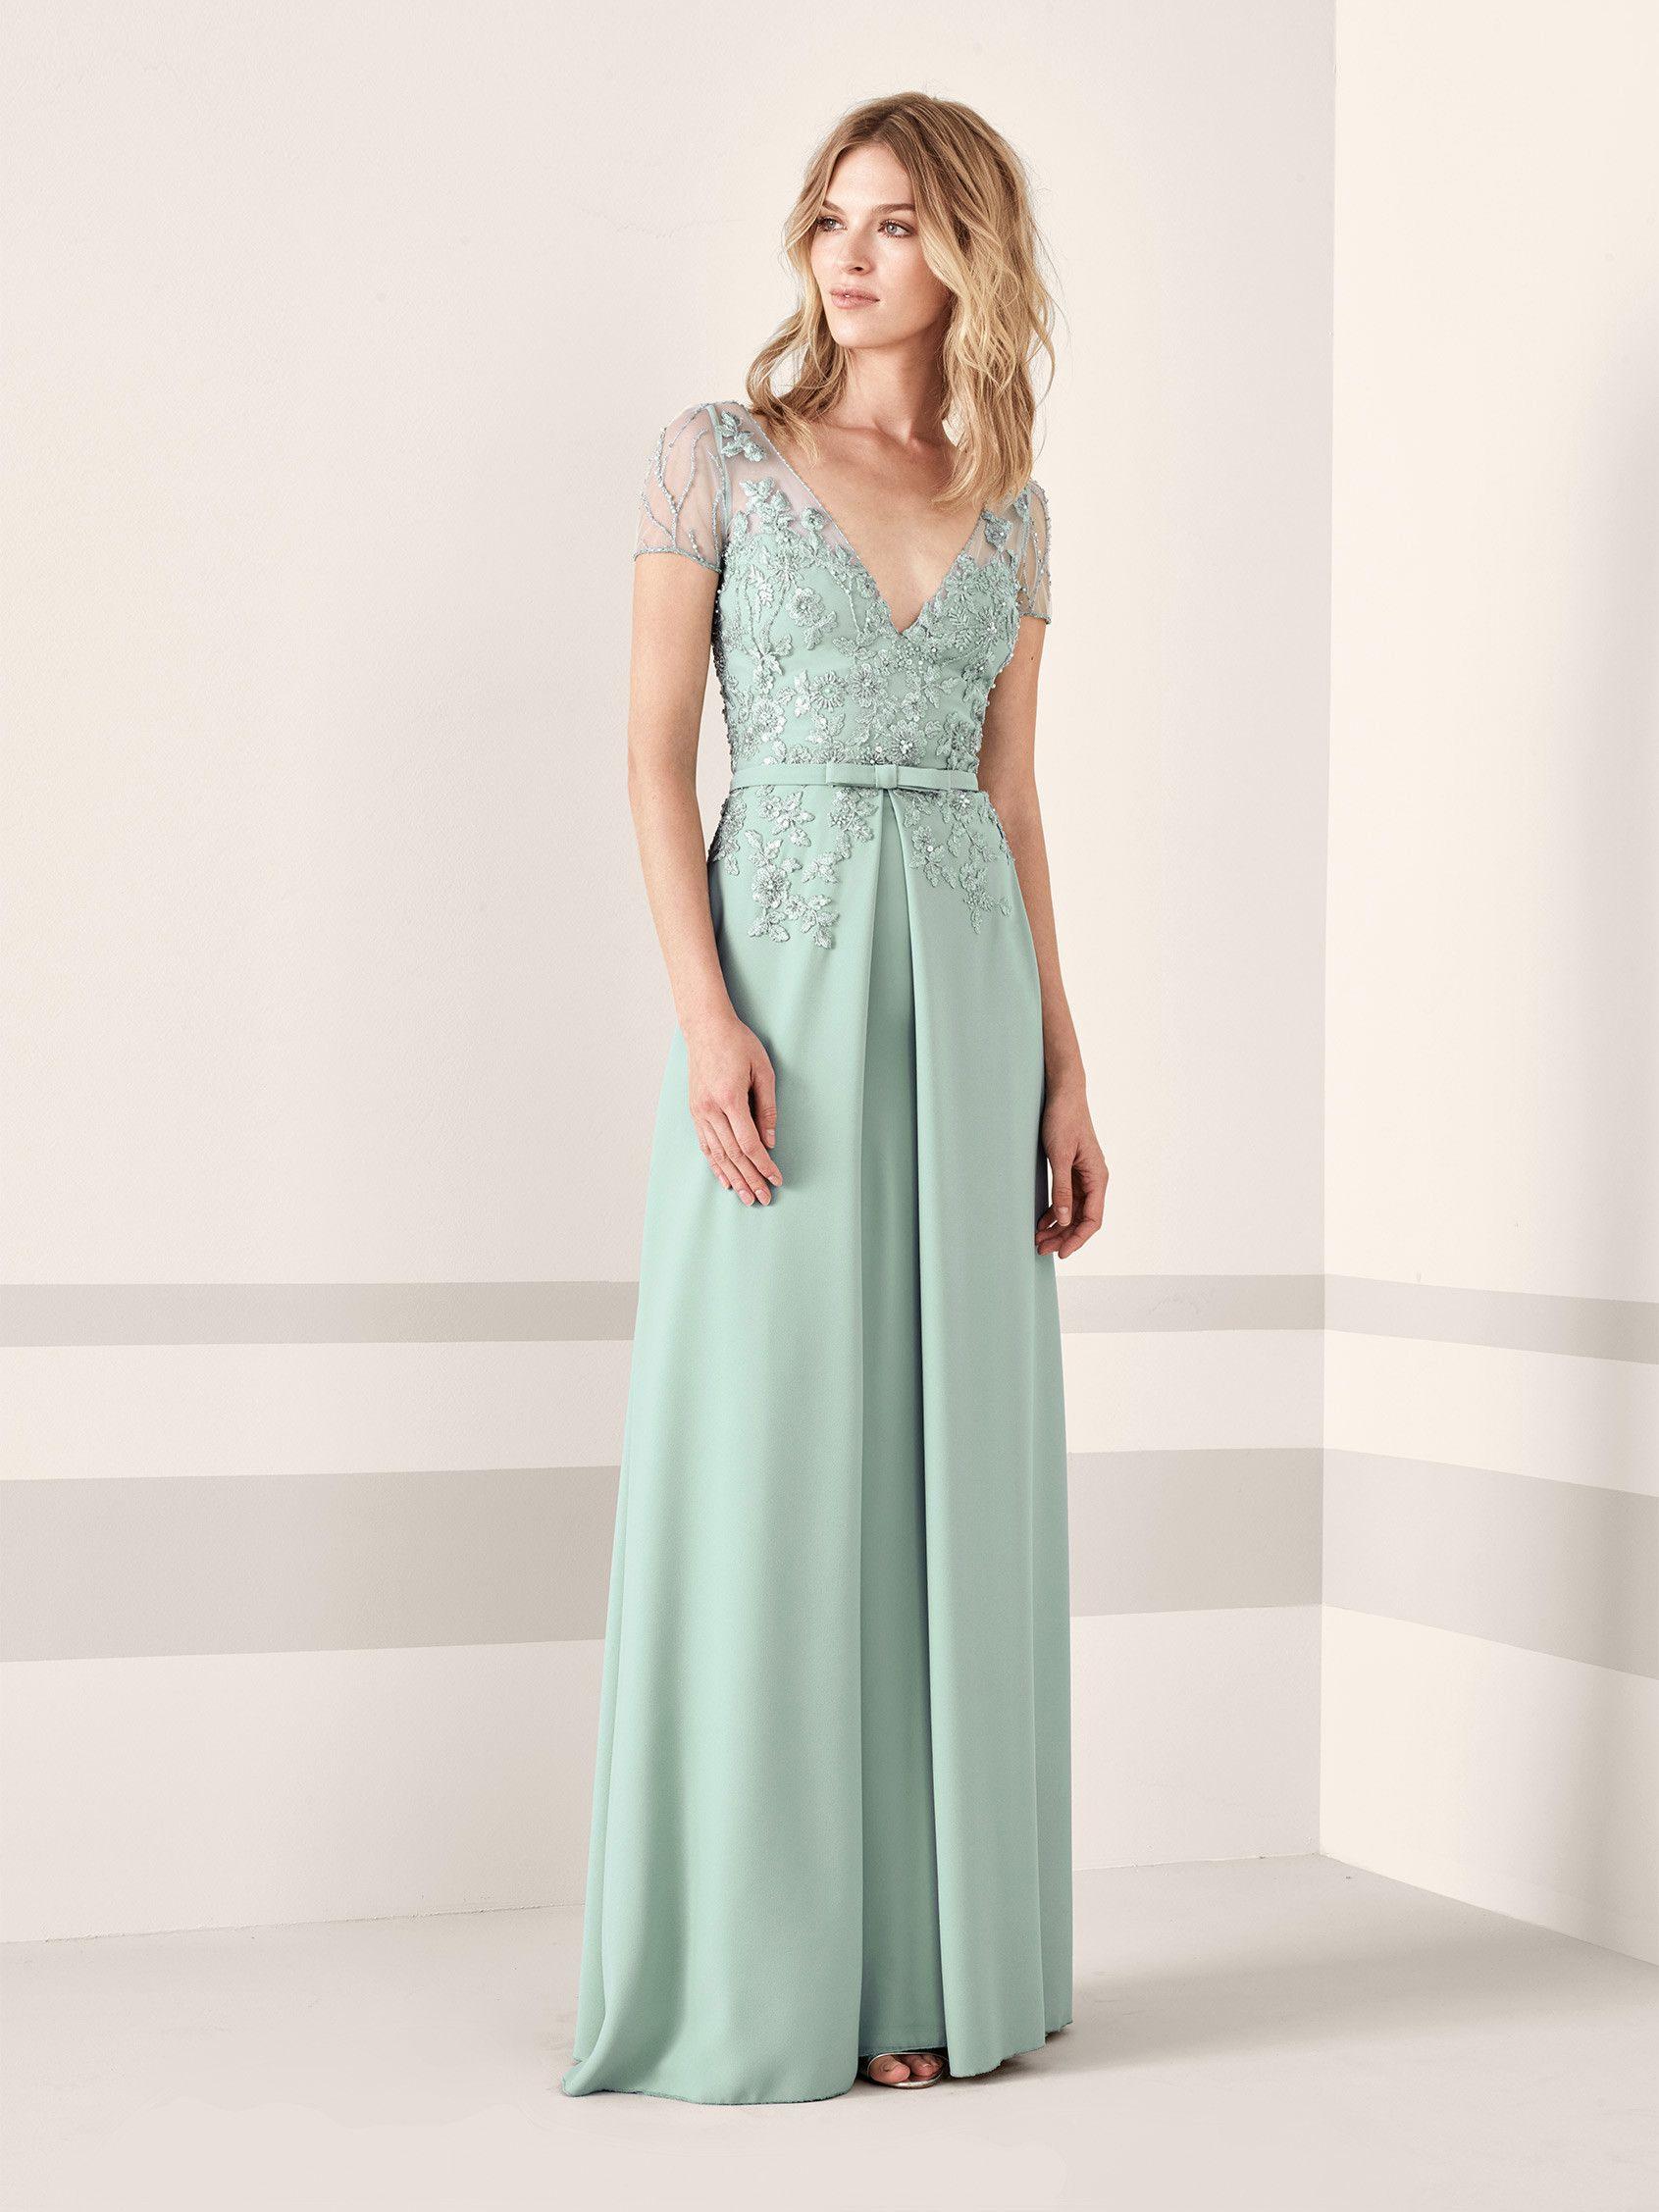 Designer Kreativ Lange Kleider Für Hochzeitsgäste Stylish15 Großartig Lange Kleider Für Hochzeitsgäste für 2019